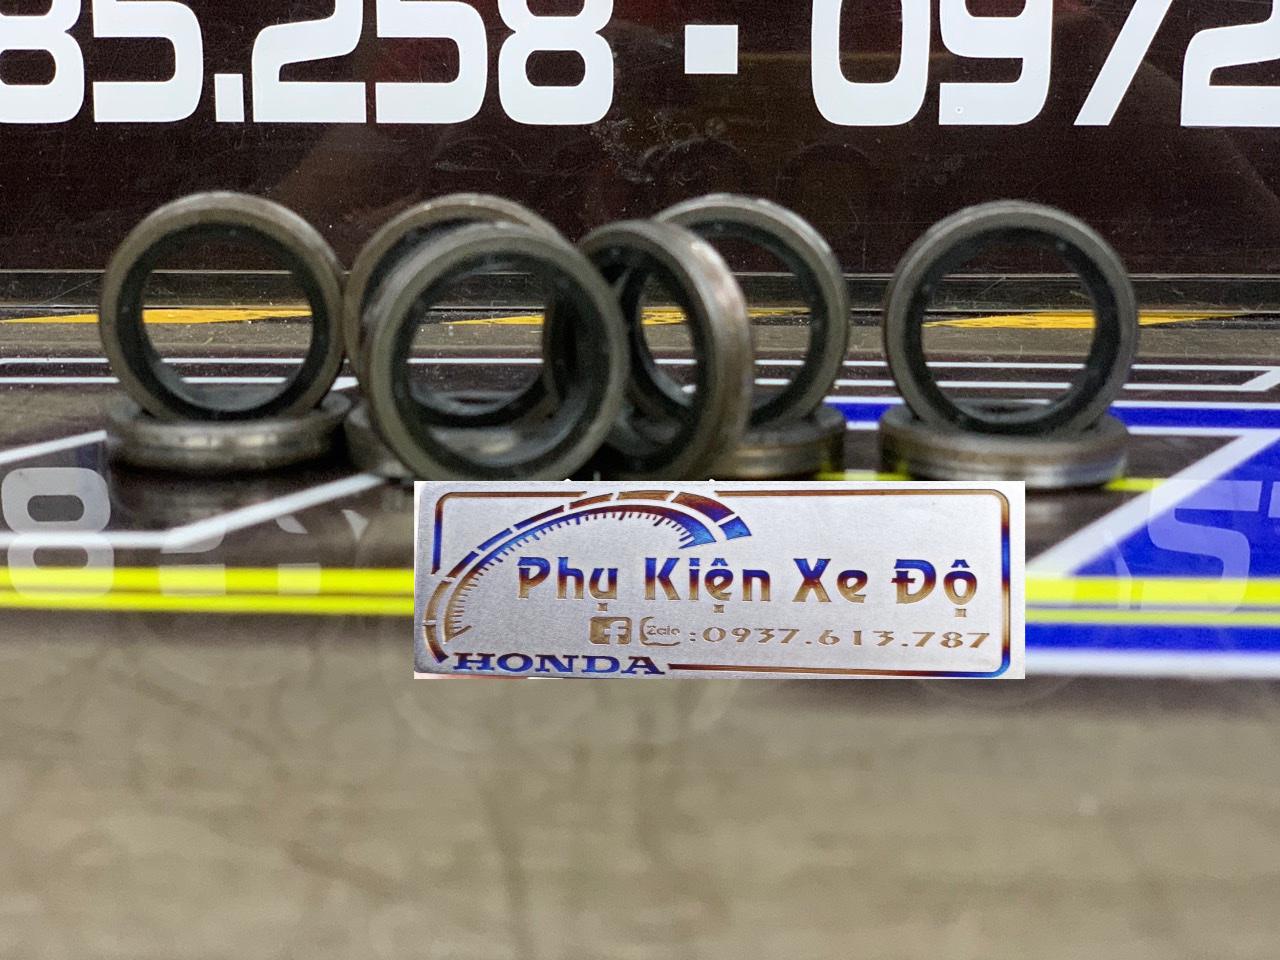 KHÂU DÊN SPORT / XIPO / RGV120 CHÍNH HÃNG